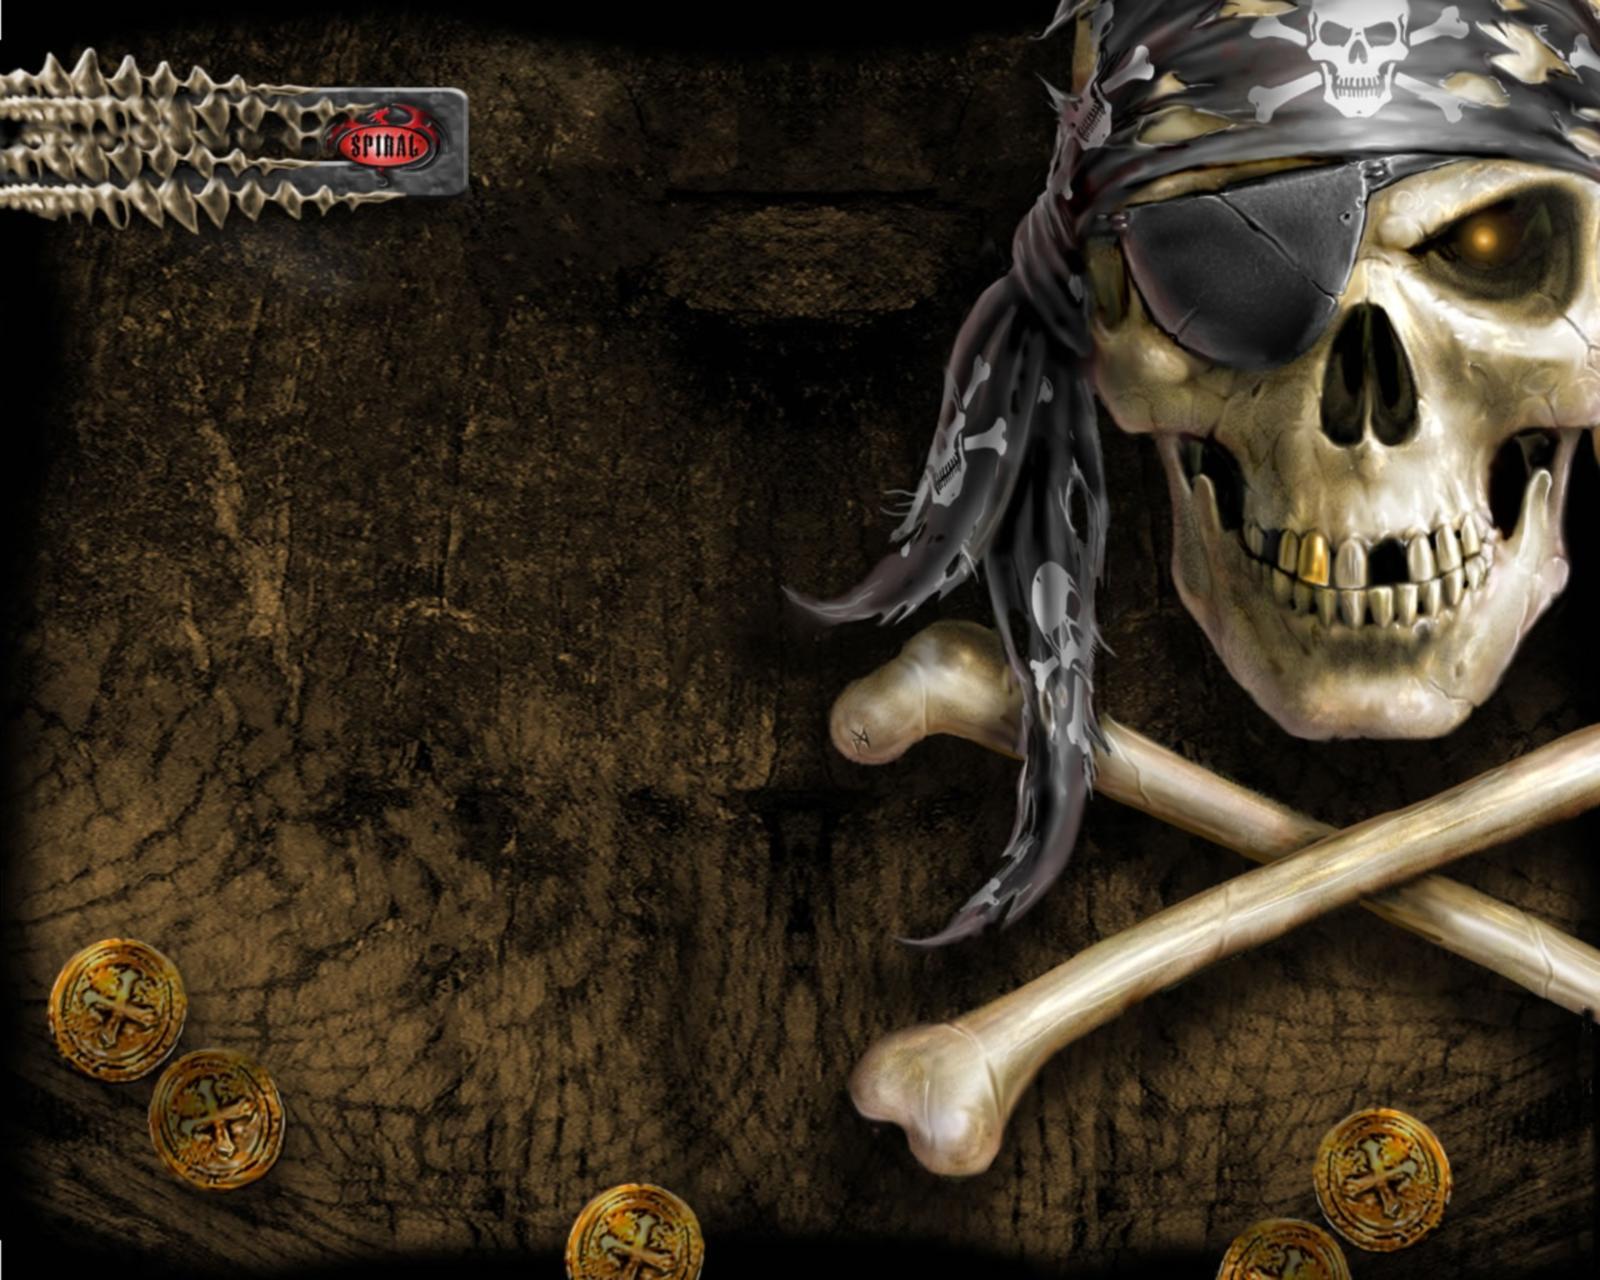 пираты карибского моря 5 обои на рабочий стол 1280х1024 № 220561 без смс